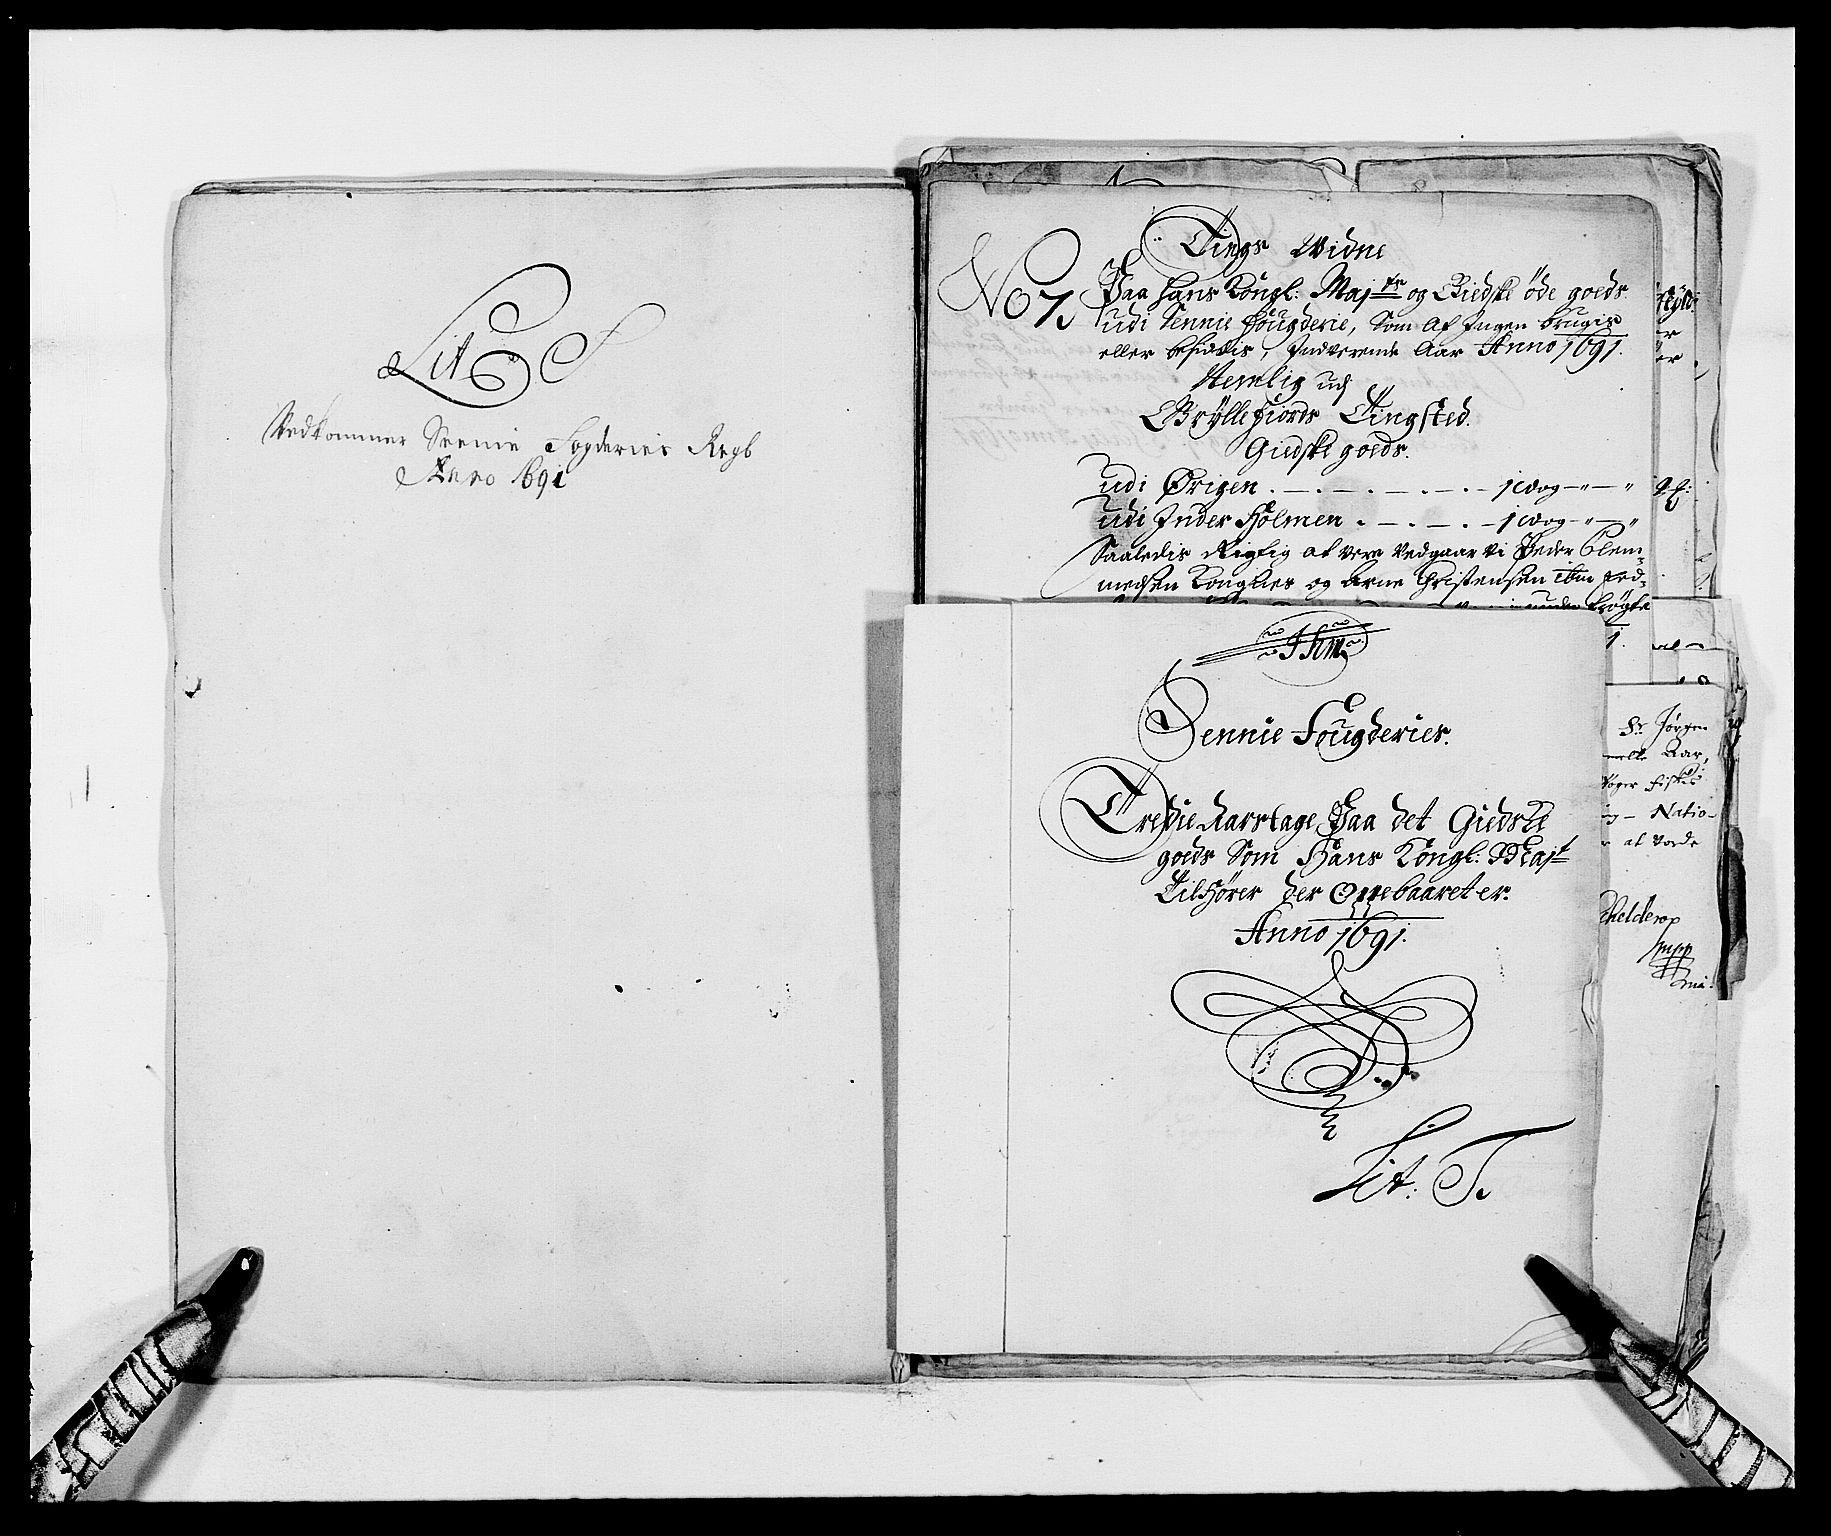 RA, Rentekammeret inntil 1814, Reviderte regnskaper, Fogderegnskap, R68/L4752: Fogderegnskap Senja og Troms, 1691-1693, s. 130